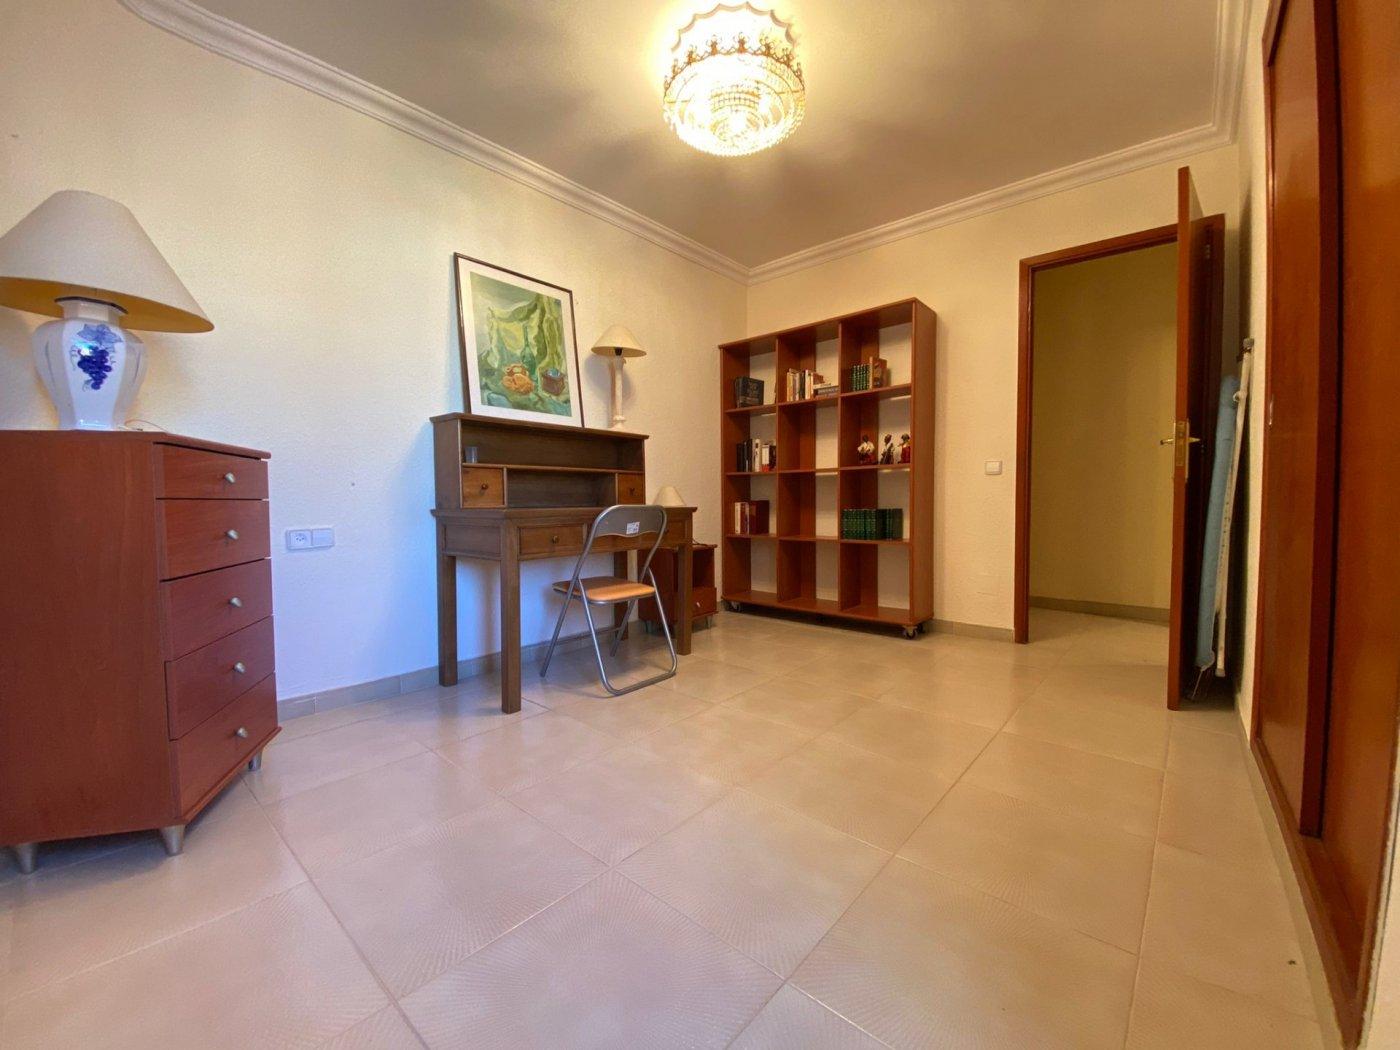 Señorial piso en palma, posibilidad alquiler con opción a compra - imagenInmueble4